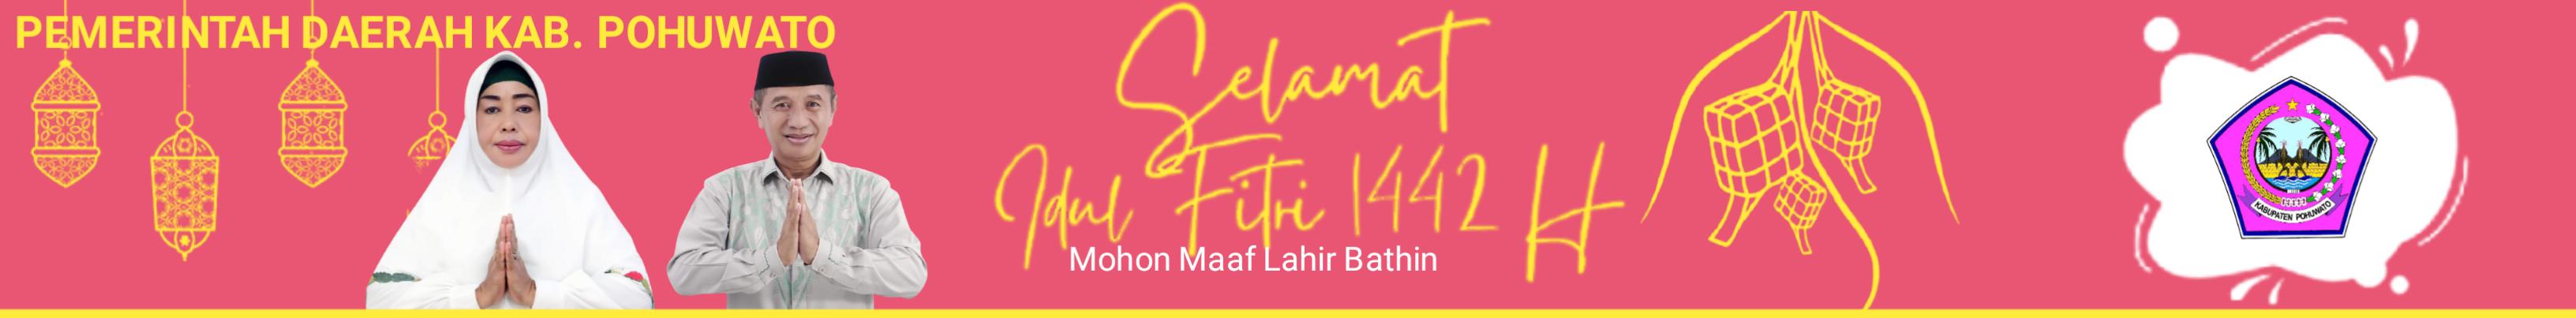 Ucapan Idul Fitri 1442 H   Pemda Pohuwato